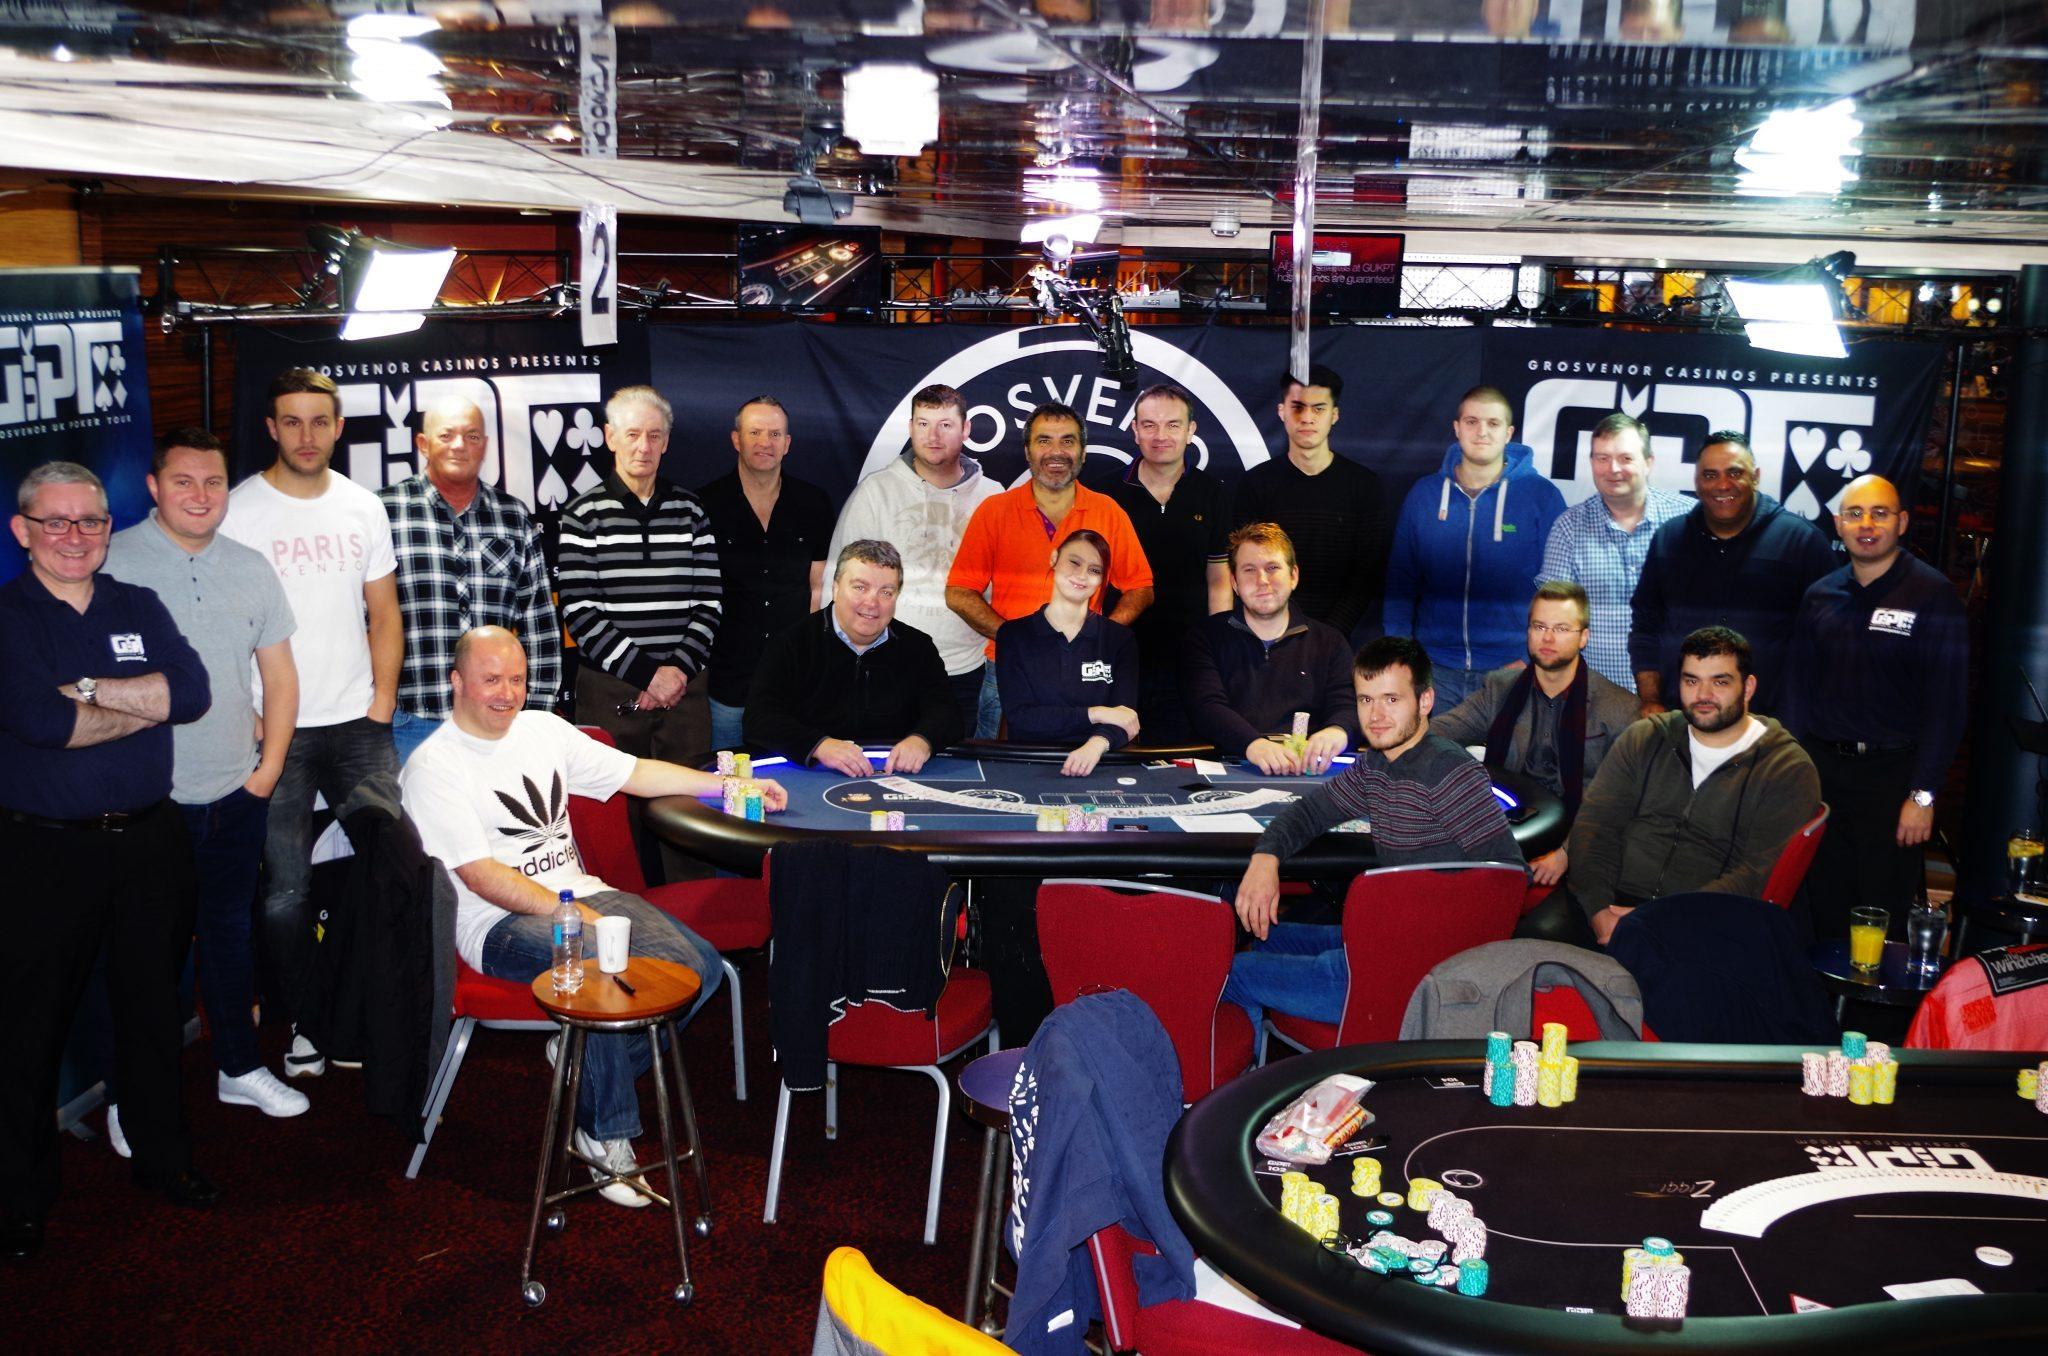 Grosvenor blackpool poker schedule